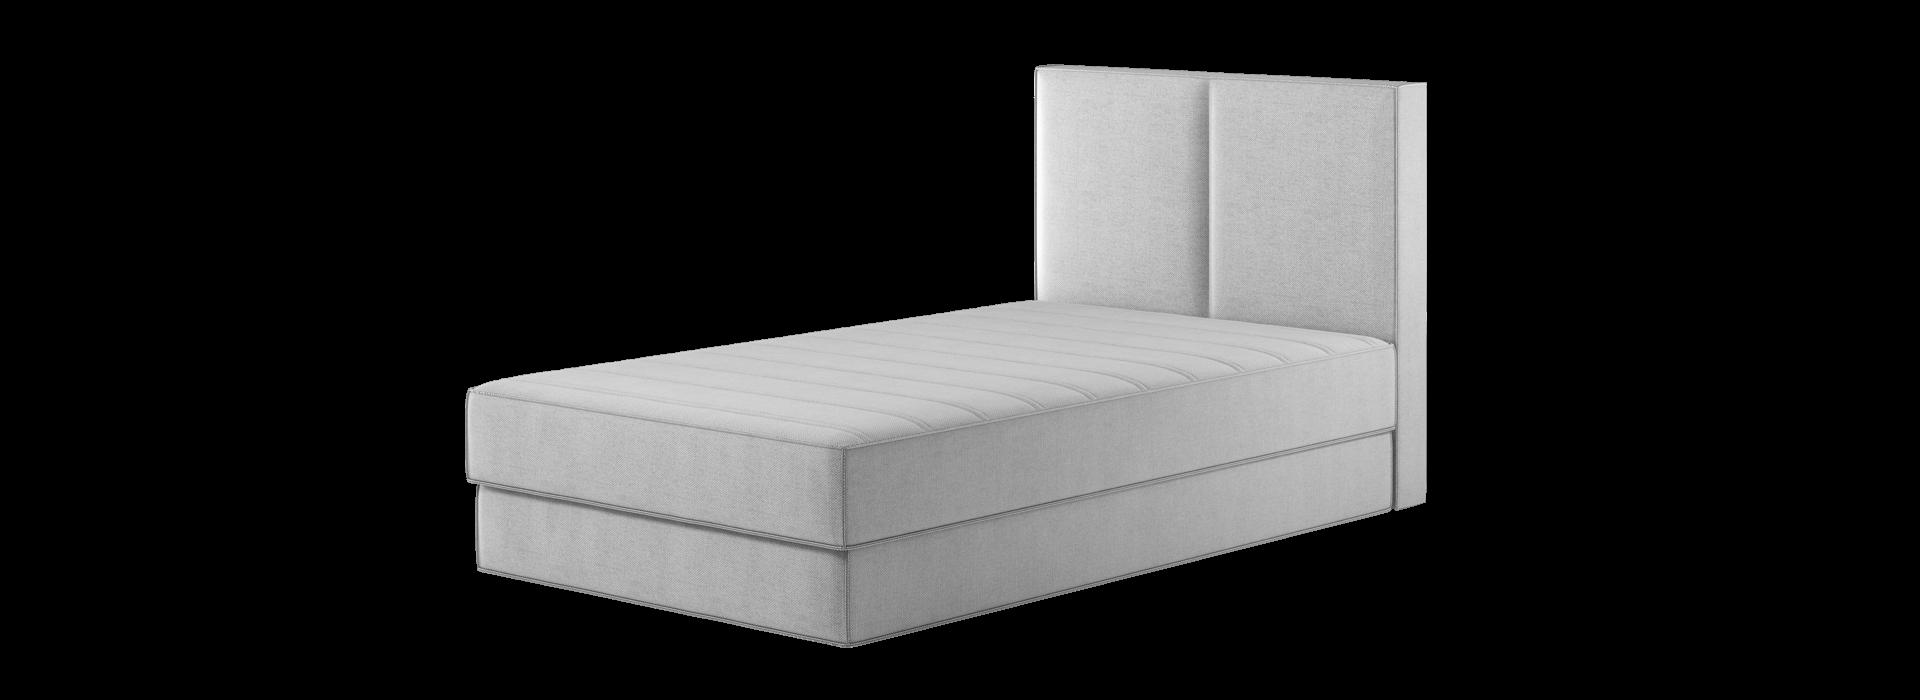 Фрея 1.2 ліжко з підйомником - маска 8